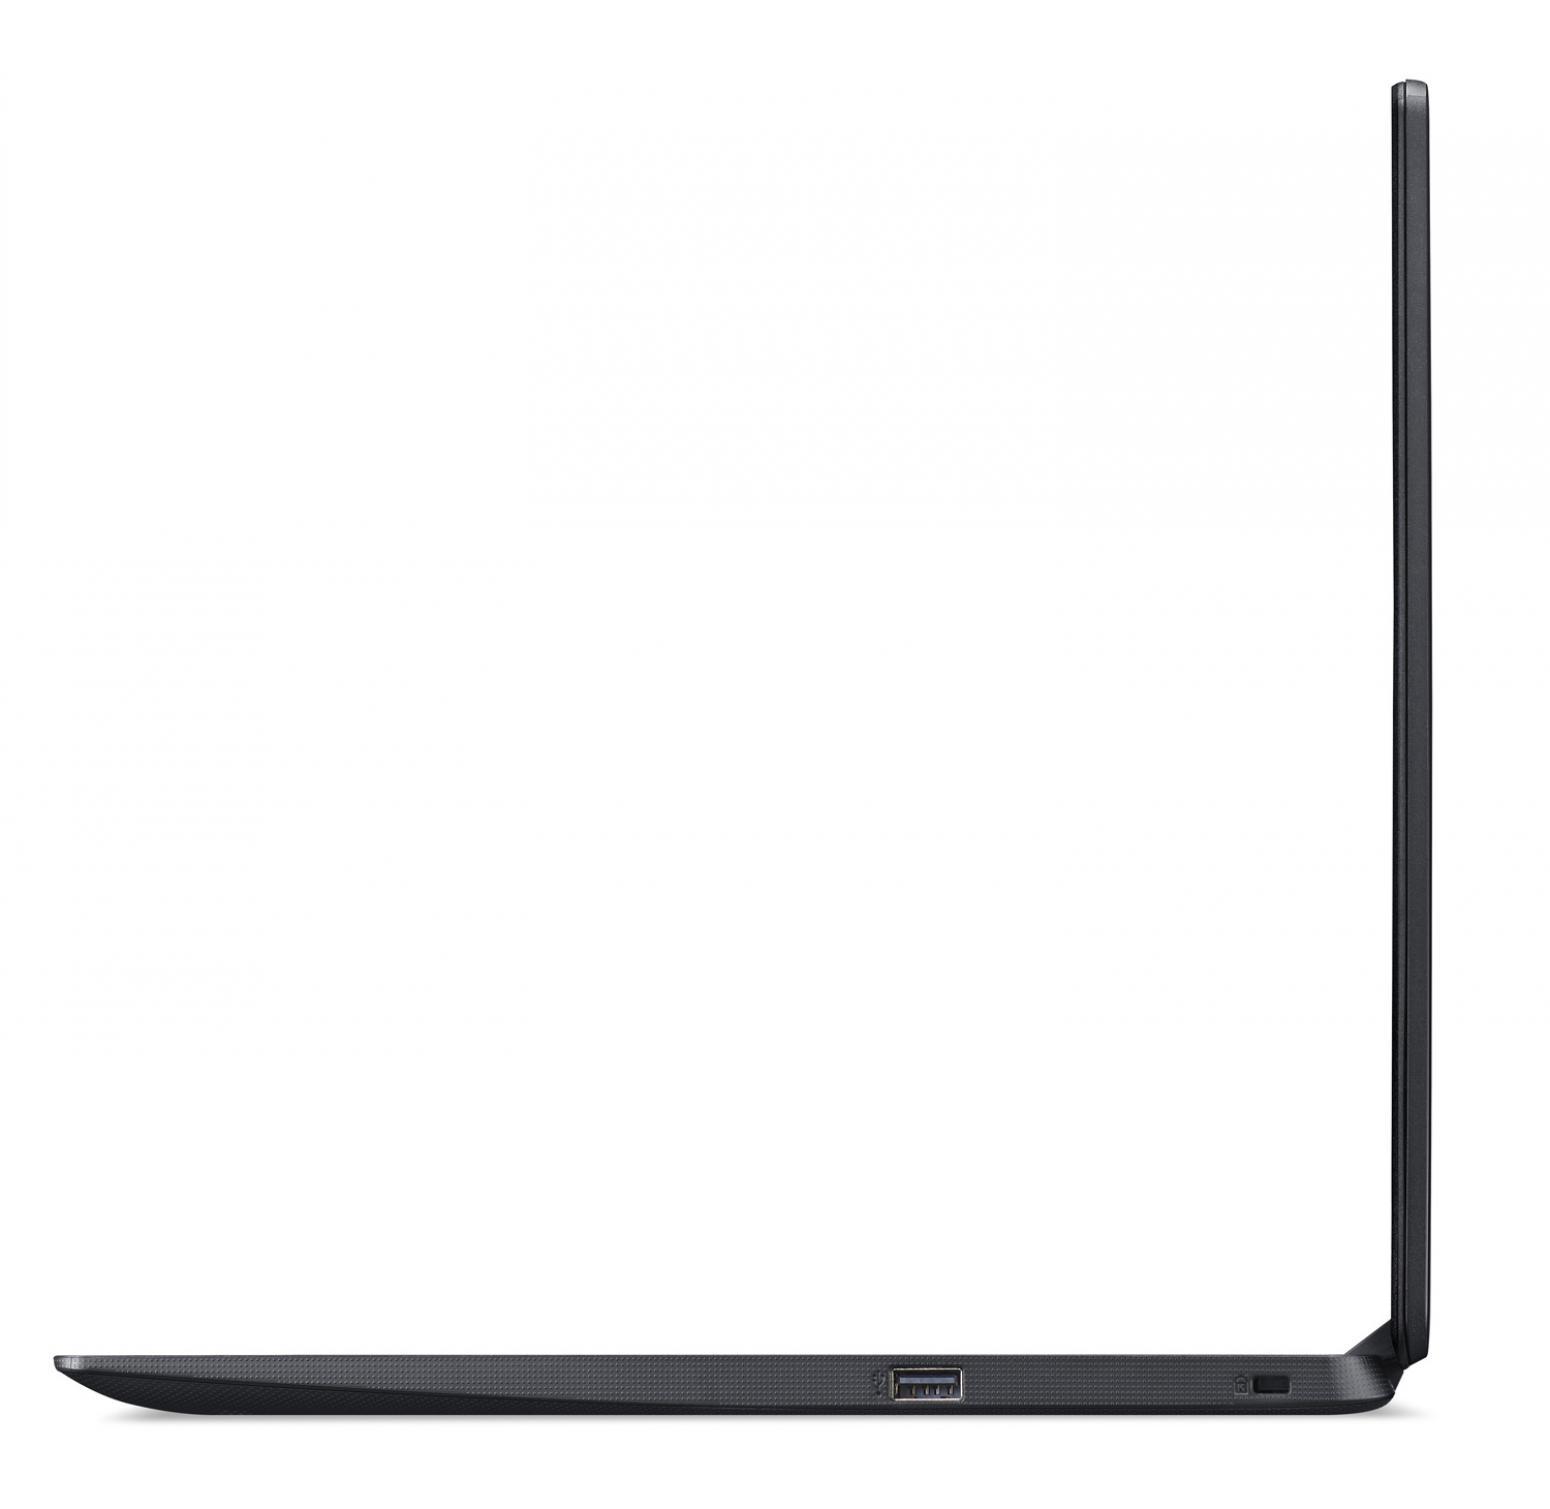 Ordinateur portable Acer Aspire 3 A315-42-R5KQ - Ryzen 3, SSD - photo 7